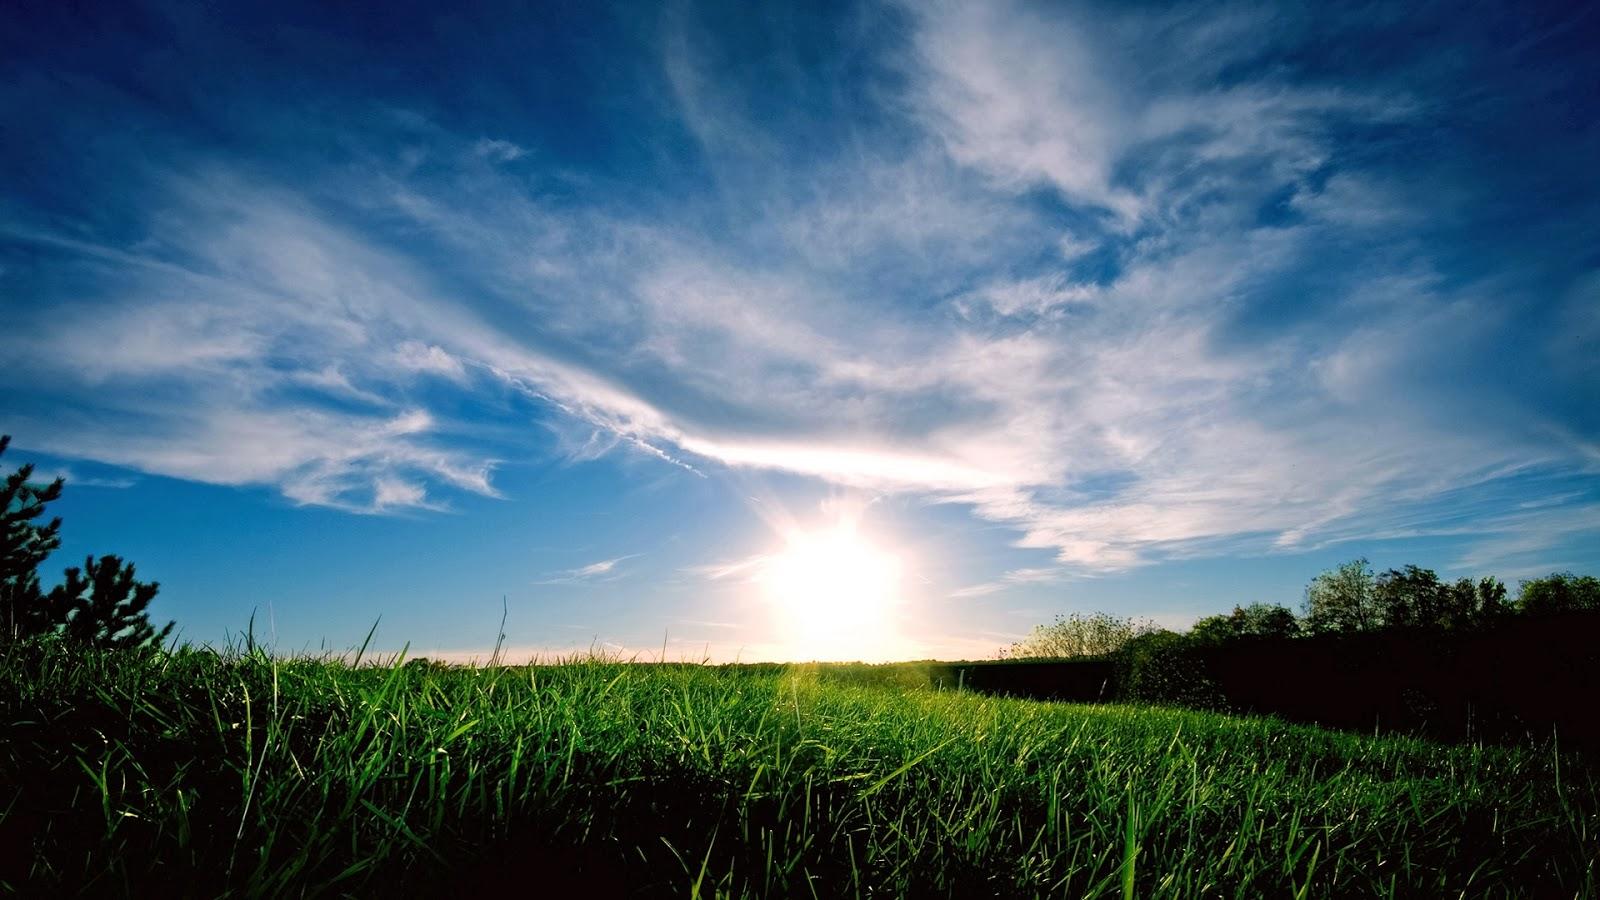 Achtergrond met Opkomende zon in landschap met gras